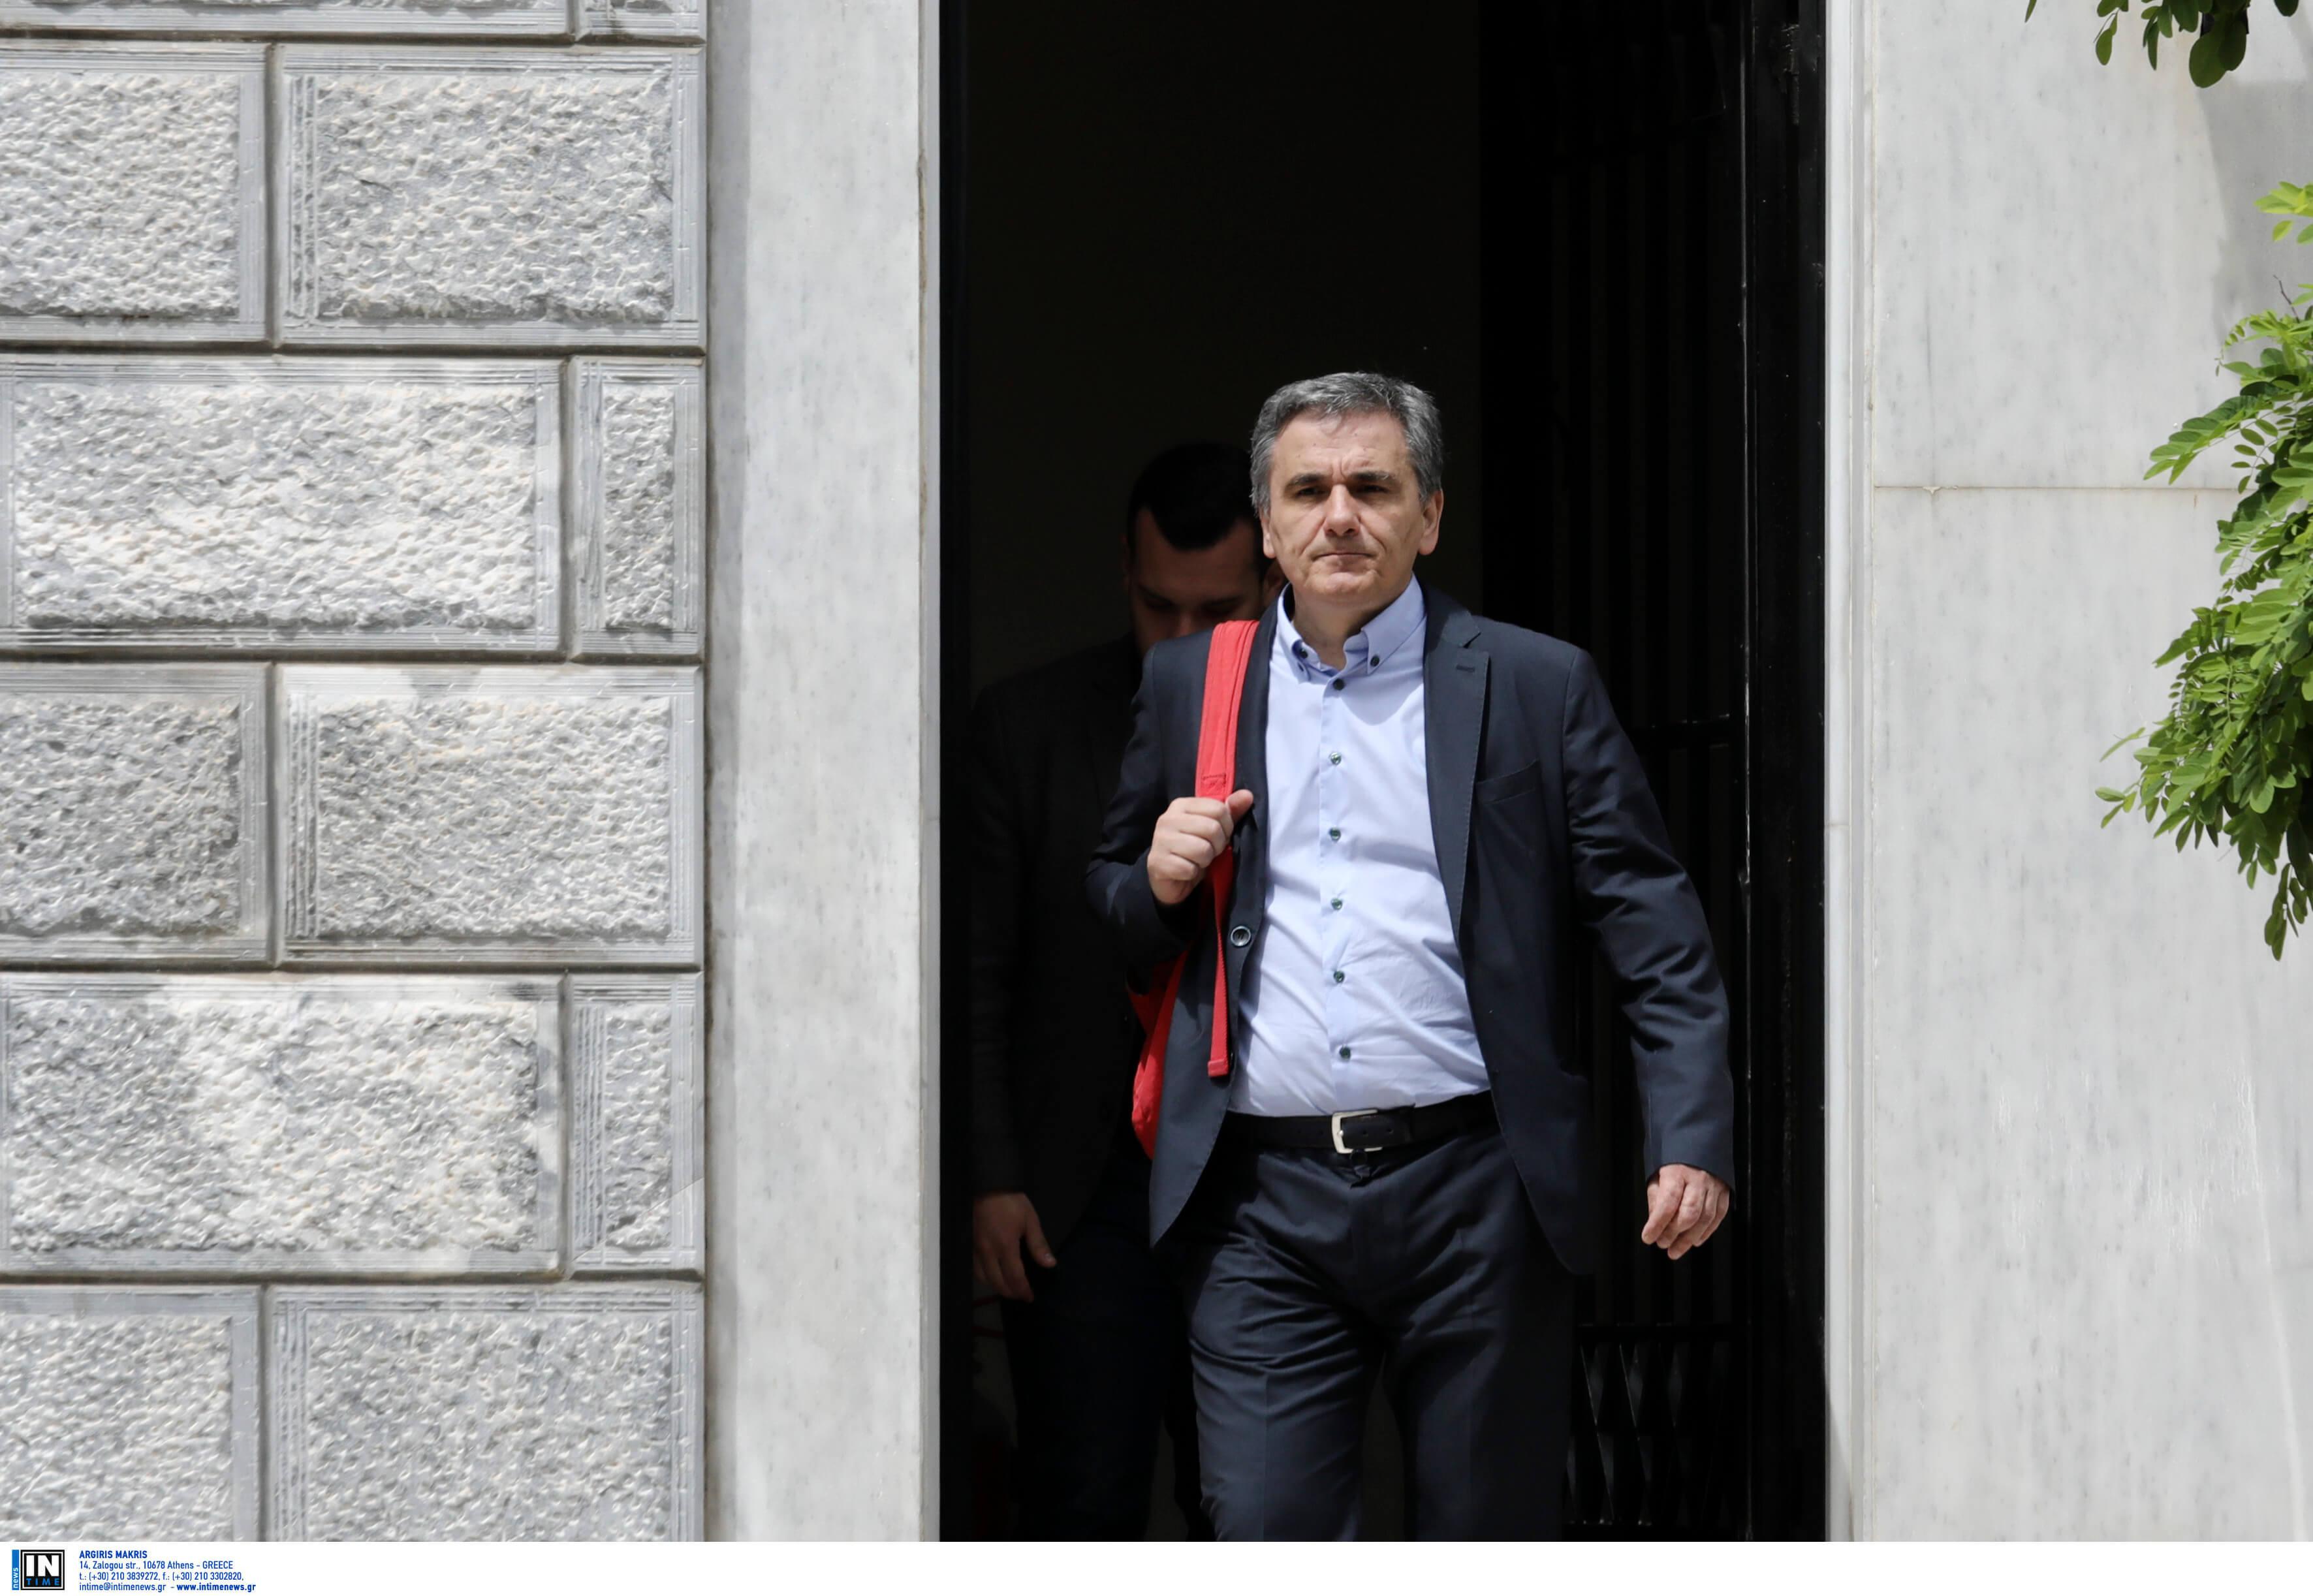 Τσακαλώτος: Η Ελλάδα γυρίζει σελίδα υπέρ των πολλών